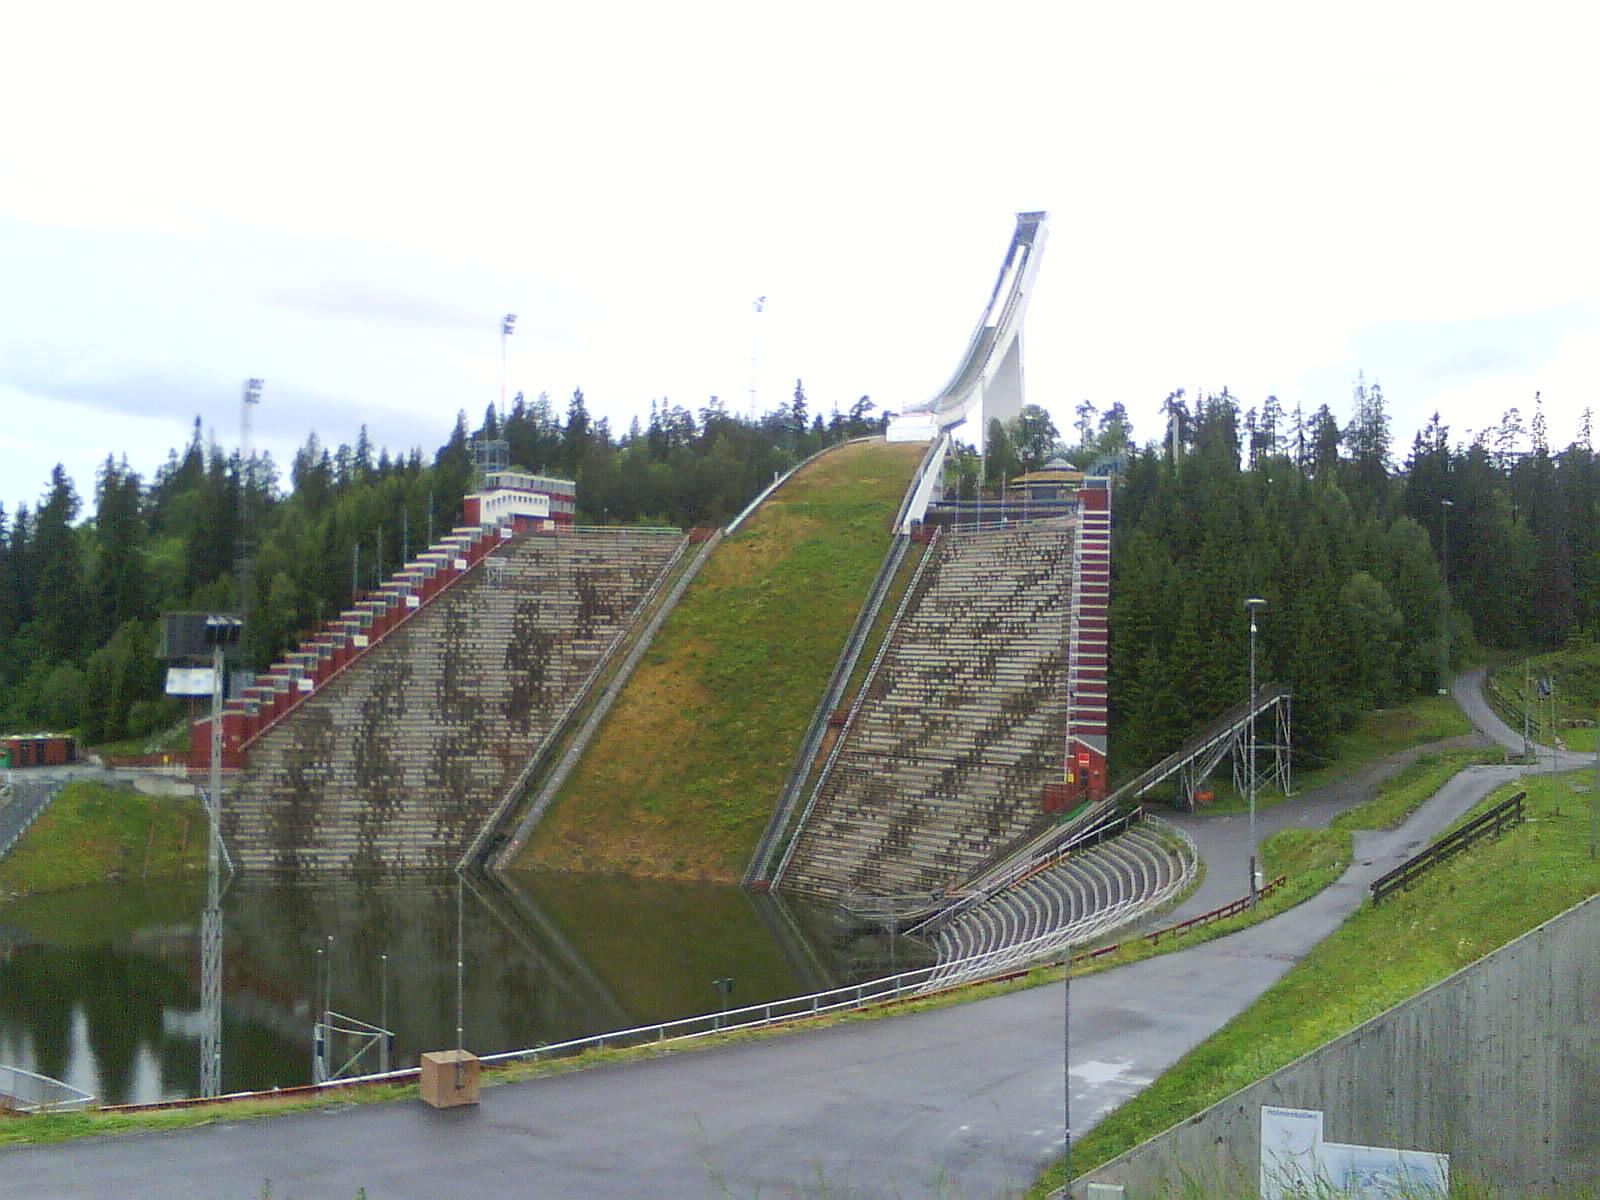 Homenkollen ski jump in Norway